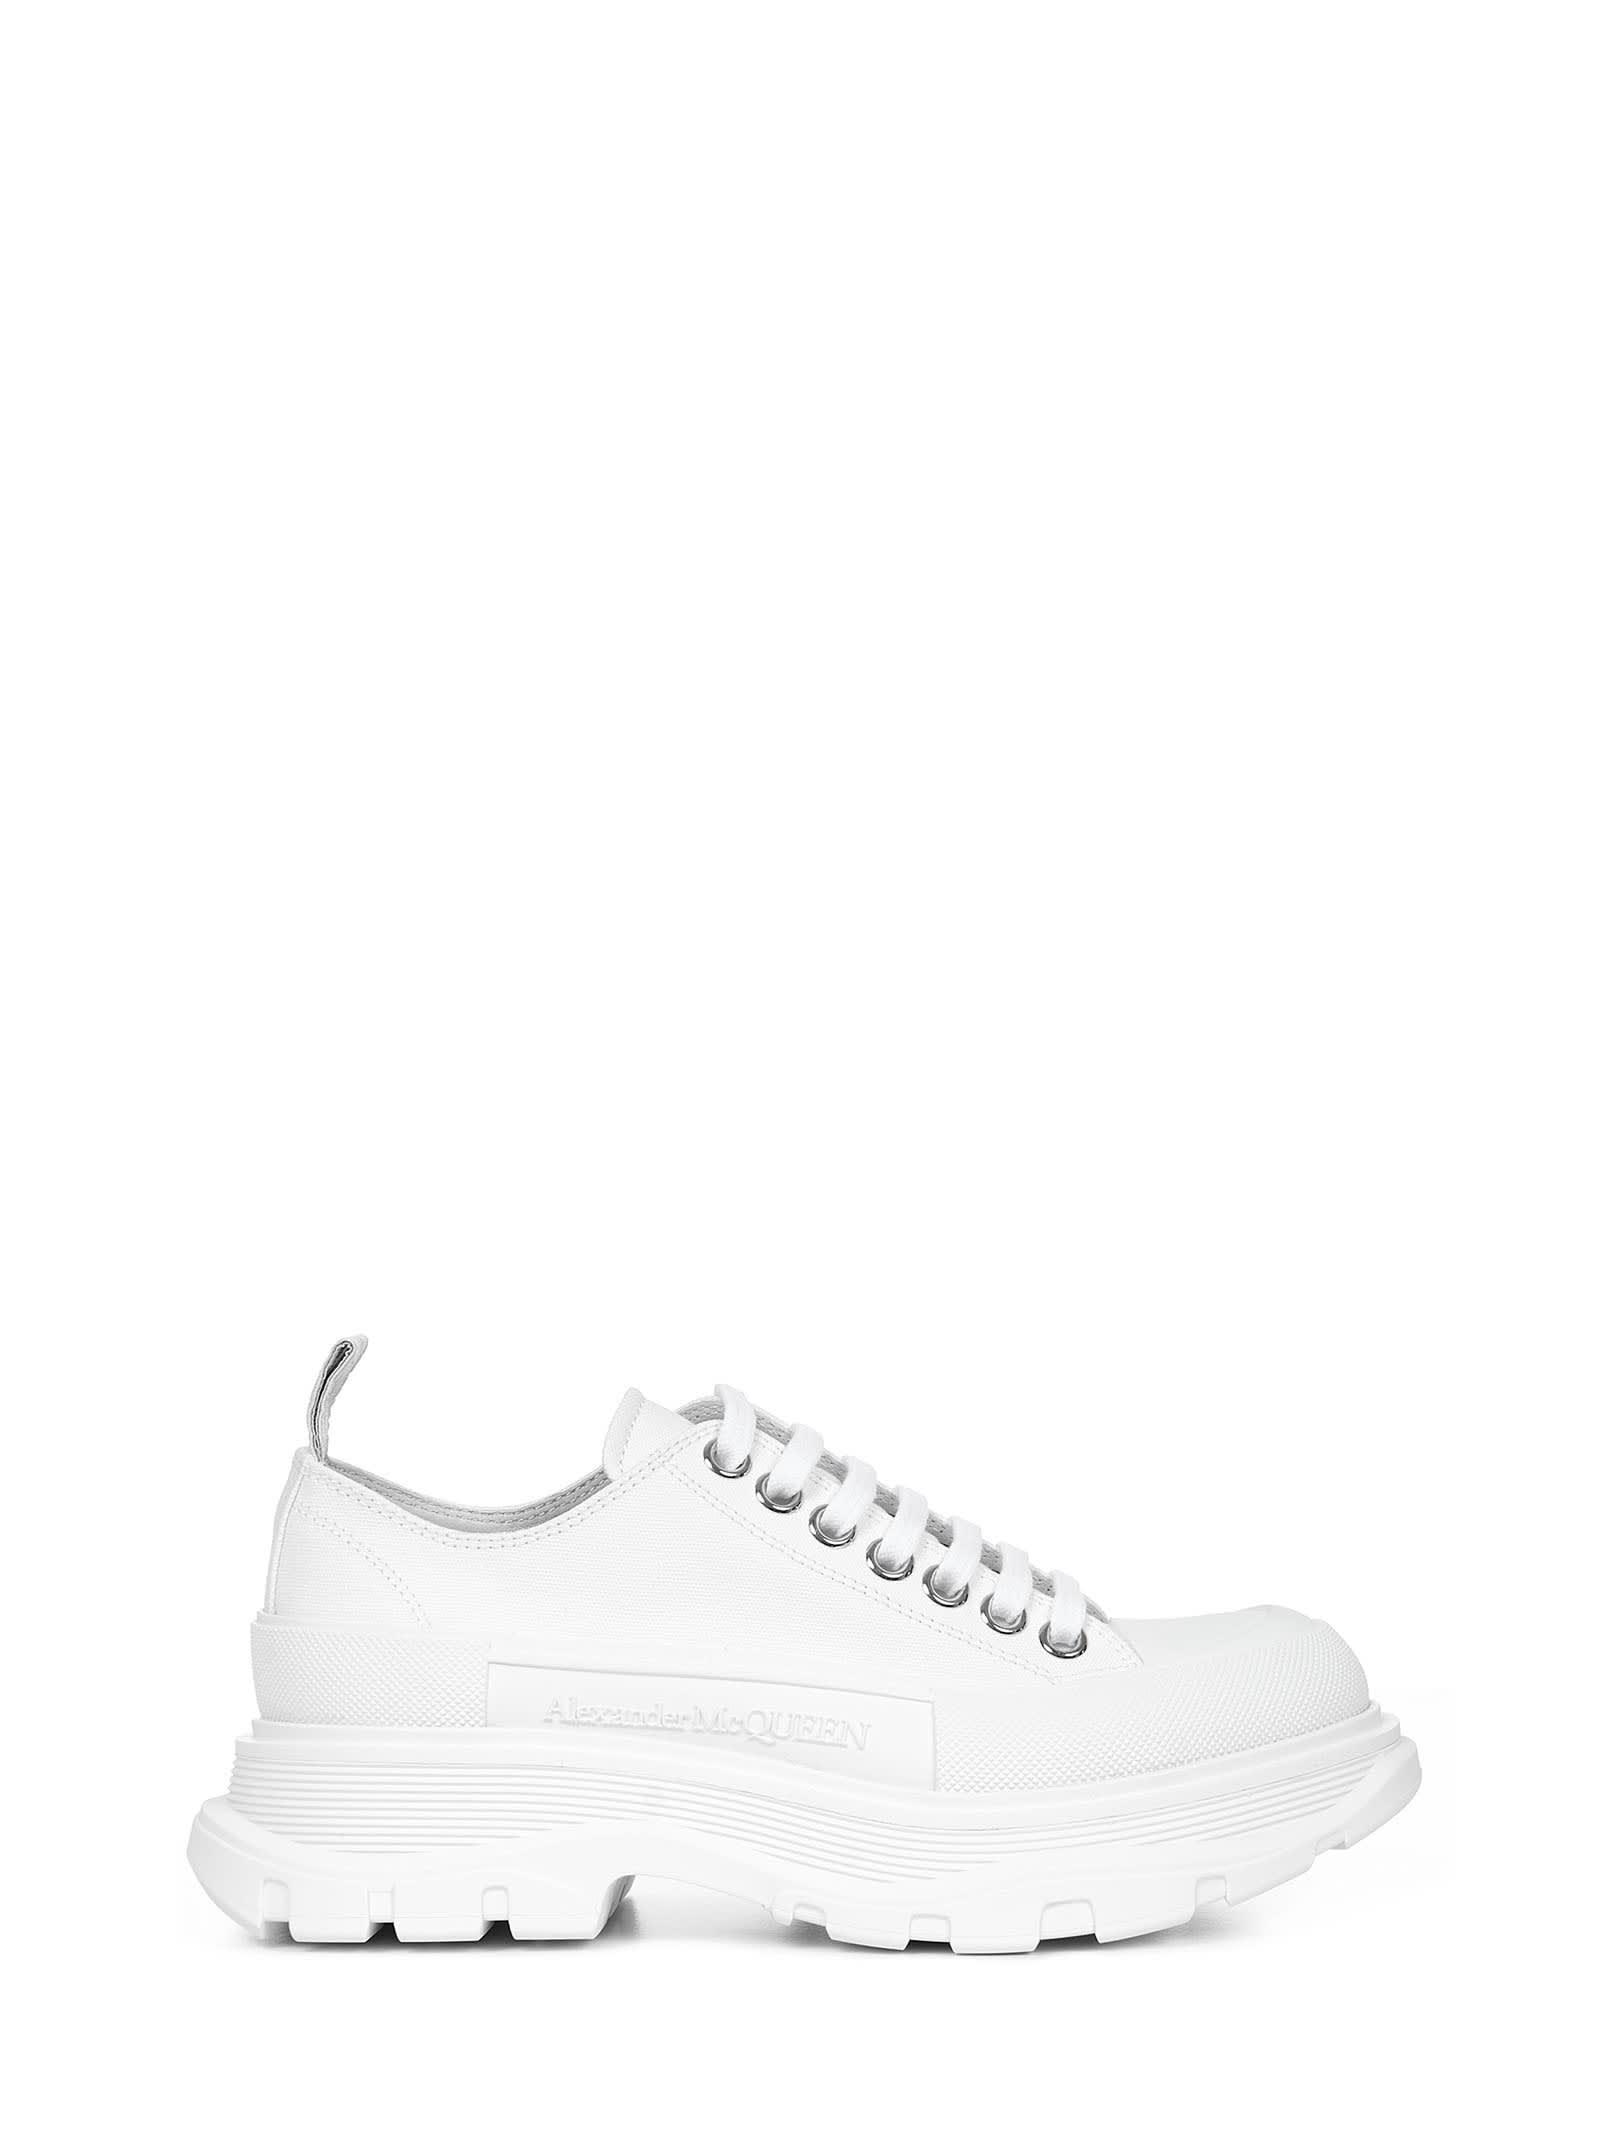 Alexander Mcqueen Tread Slick Sneakers